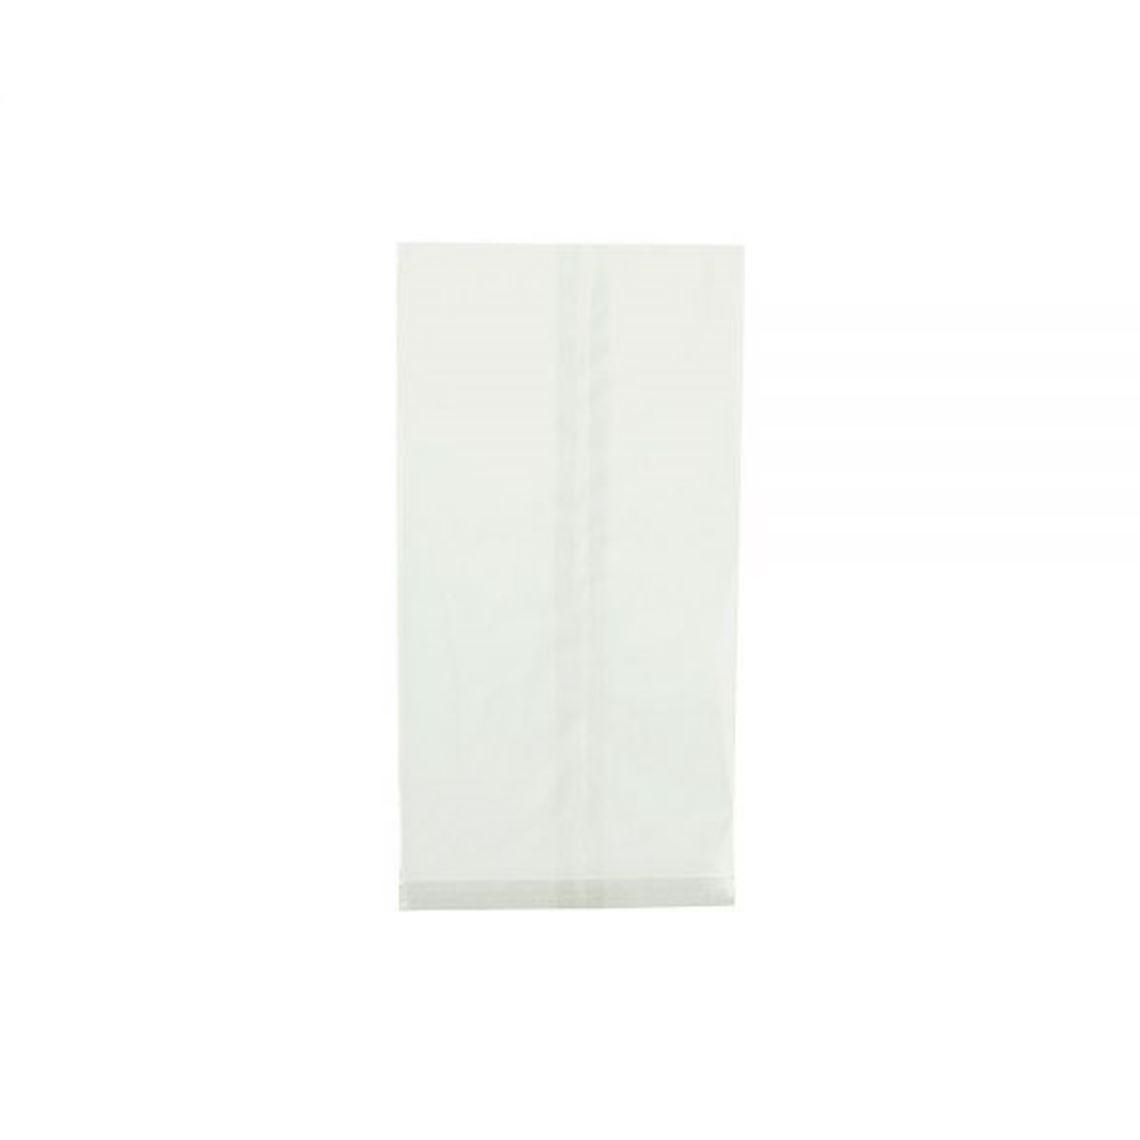 Zellglas-Flachbeutel 10 x 20 cm, transparent